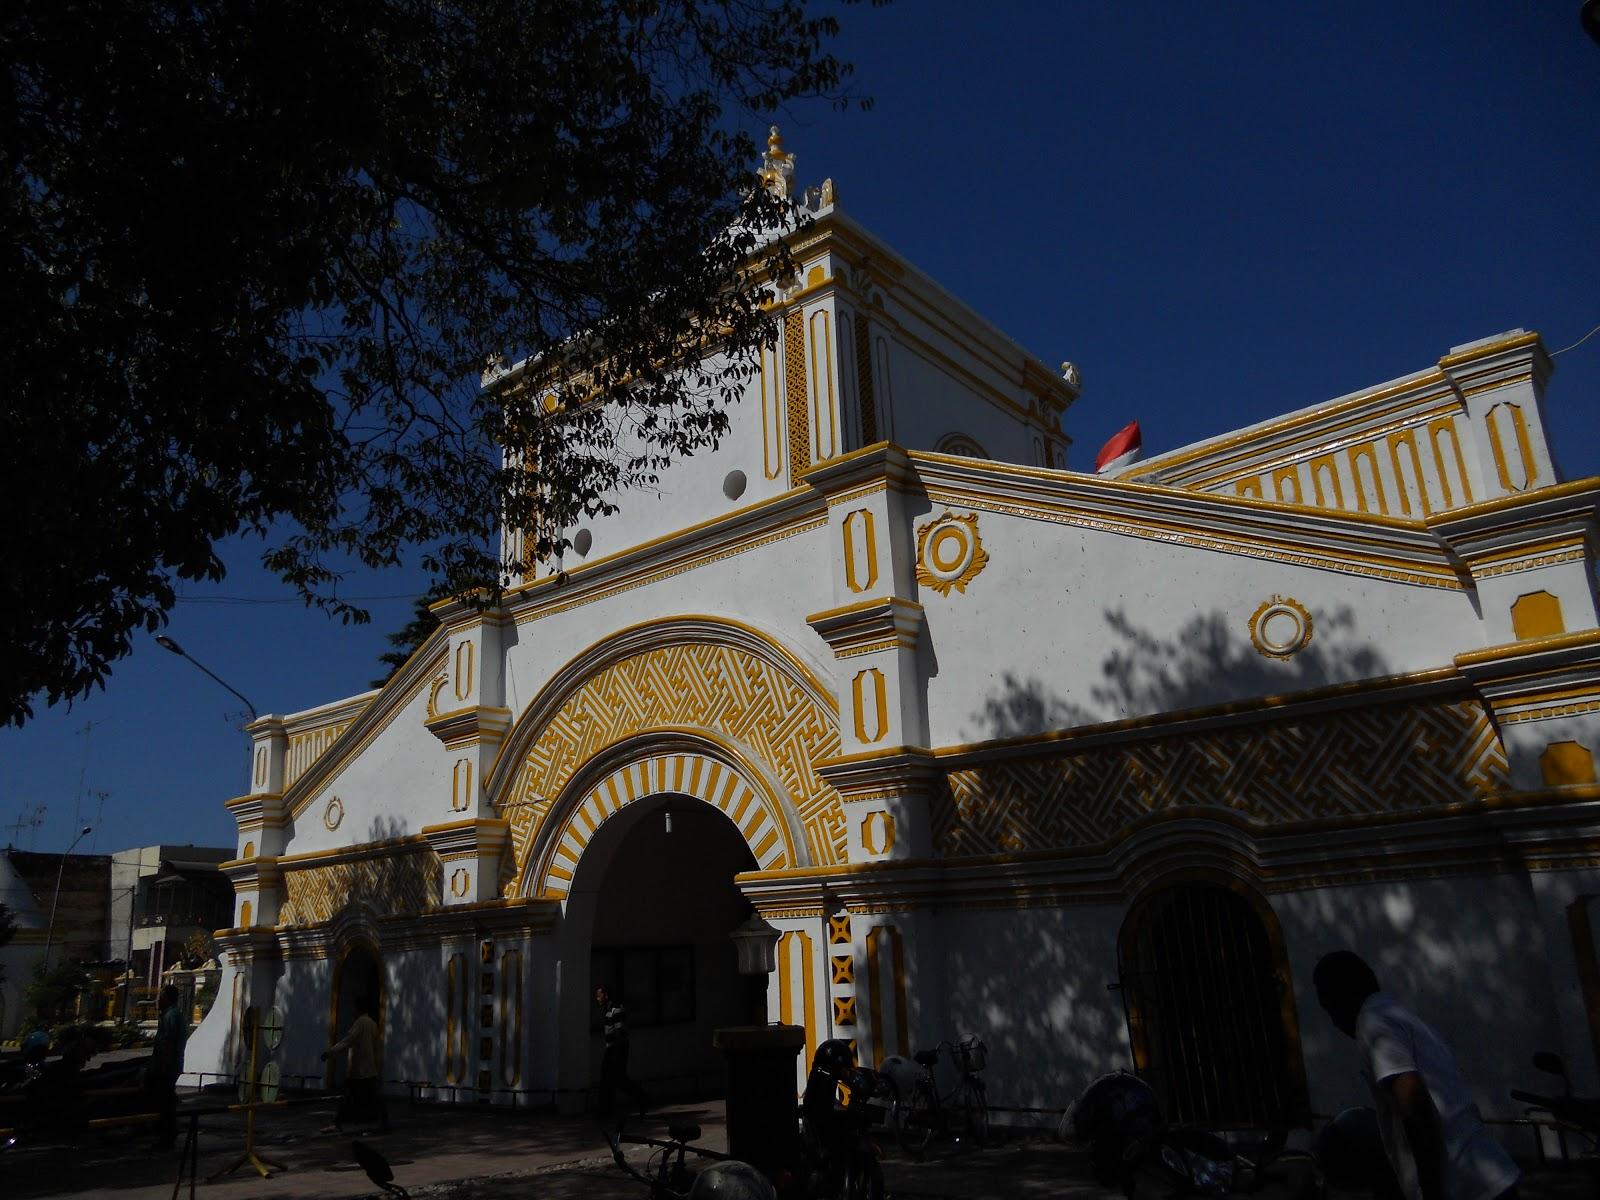 Bapontar Indonesia Lauw Piango Arsitek Mesjid Agung Sumenep Masjid Taman